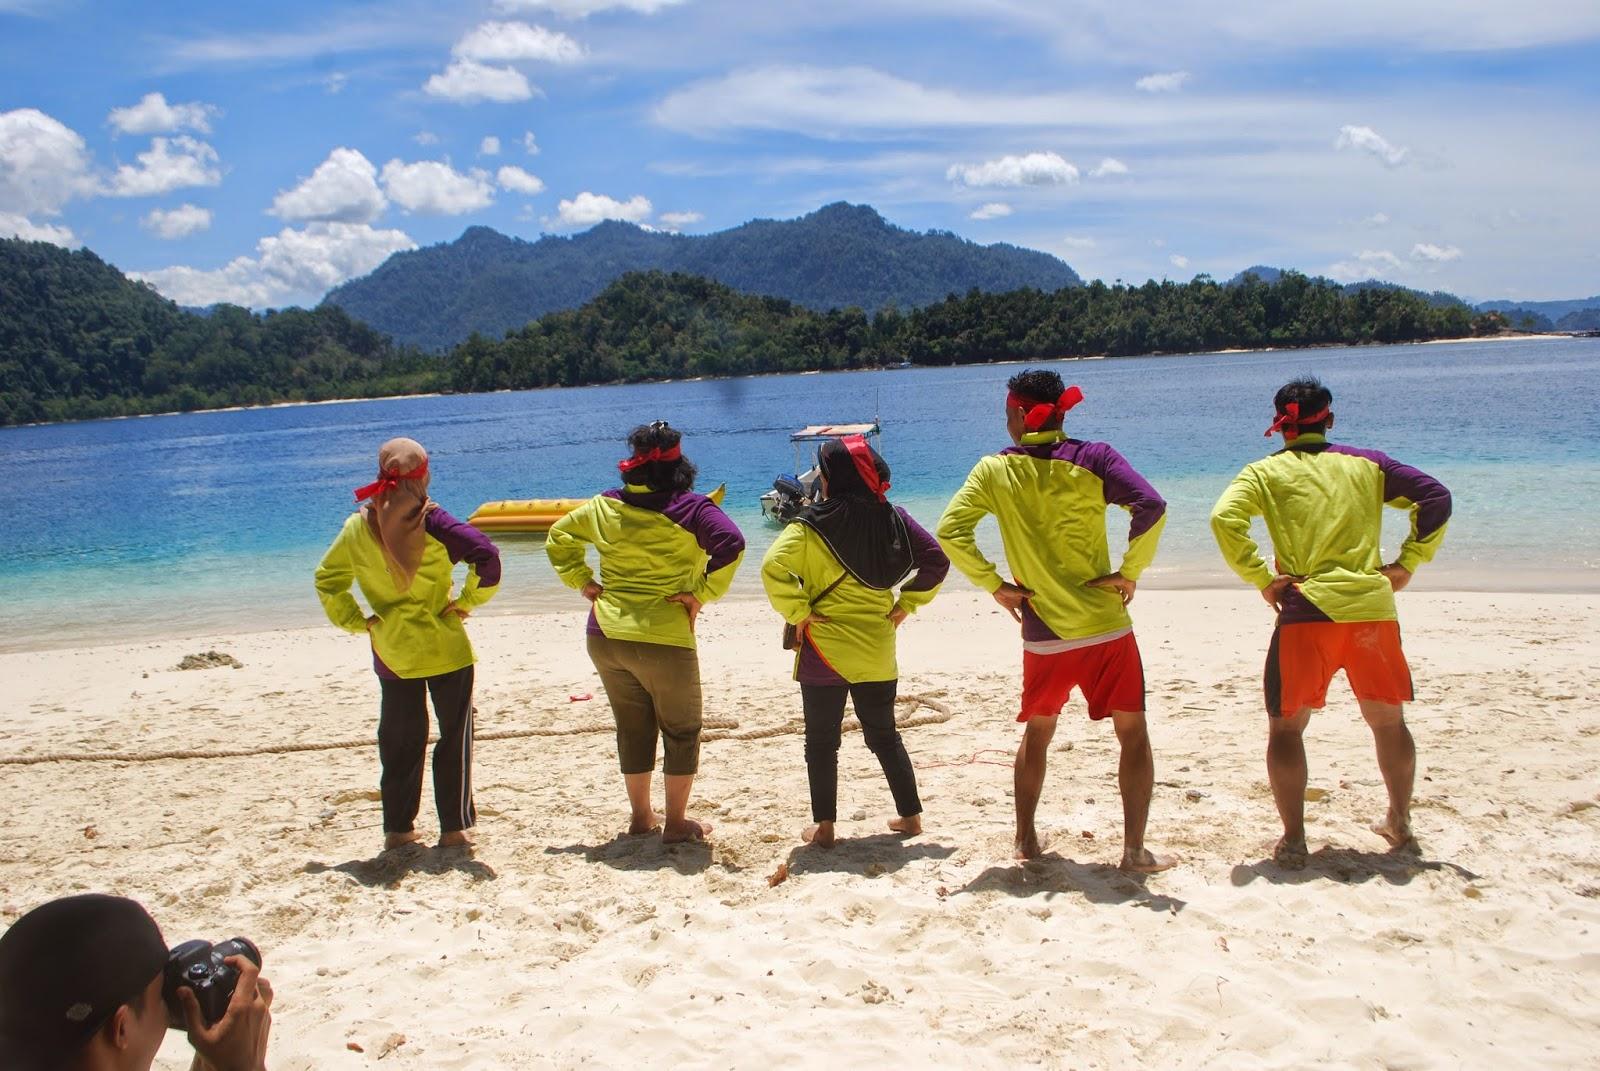 paket wisata/tour ke pulau pagang